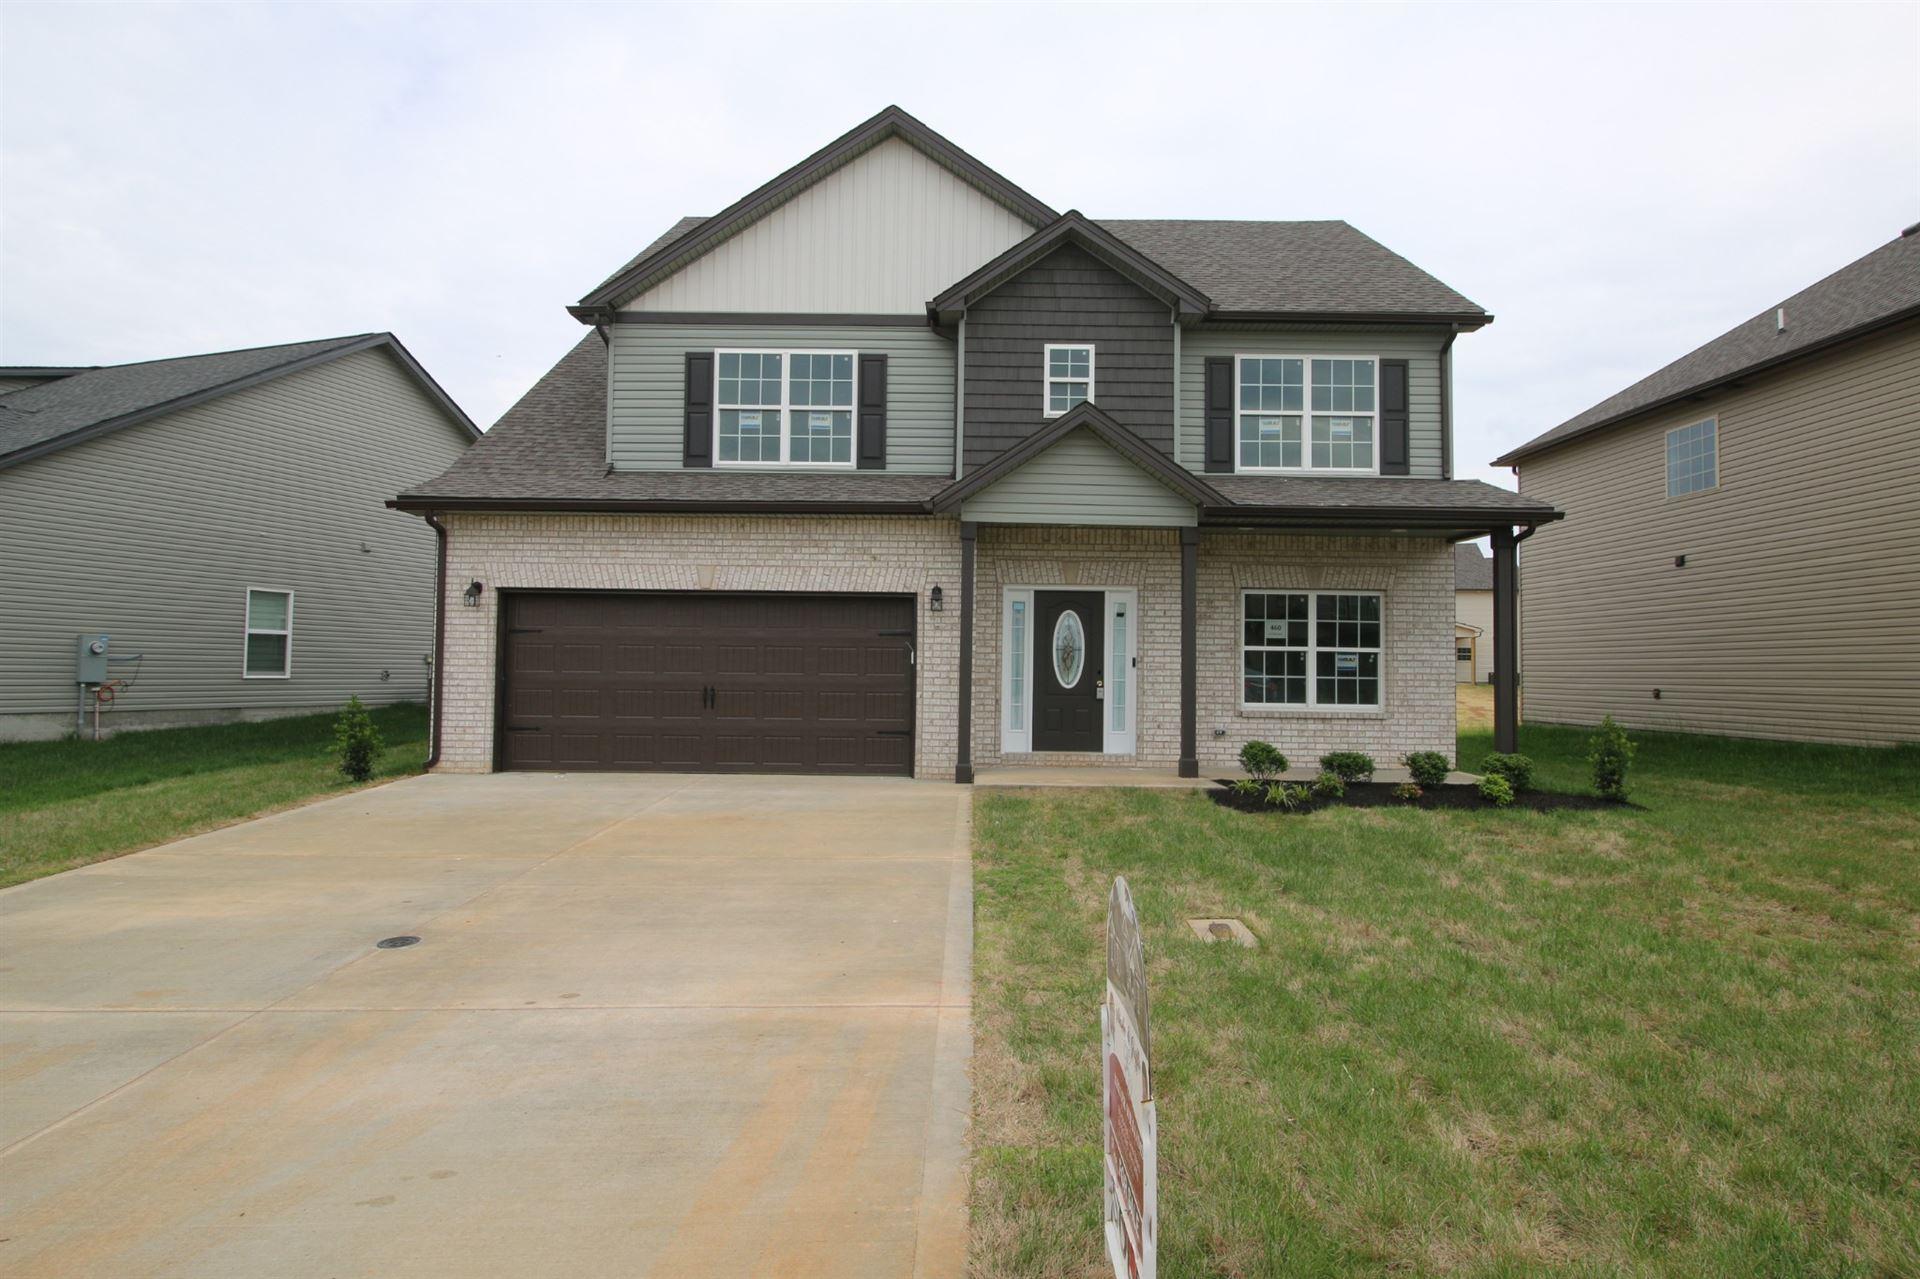 460 Autumn Creek, Clarksville, TN 37042 - MLS#: 2200874